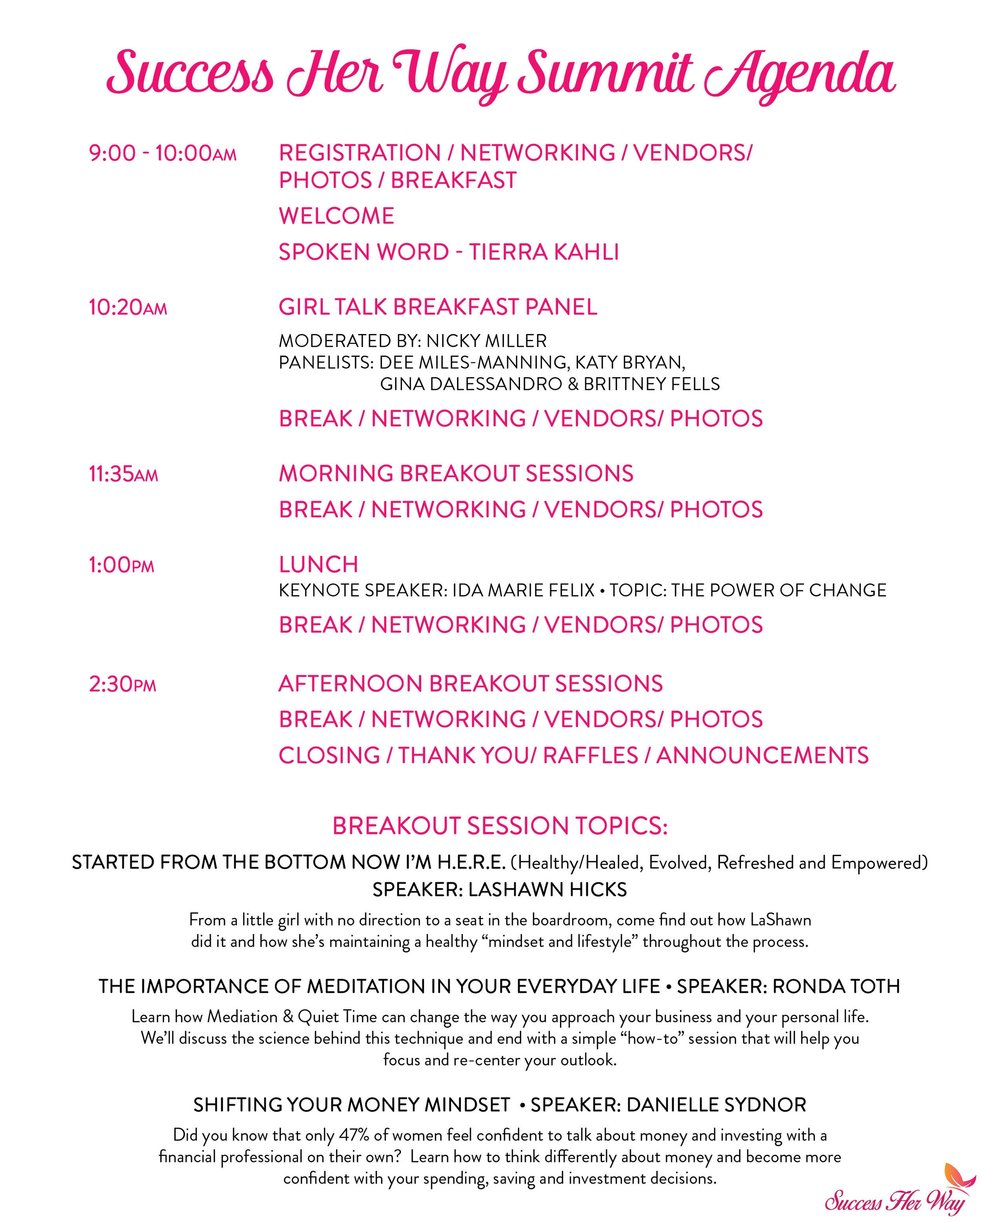 SHW Agenda Layout.jpg